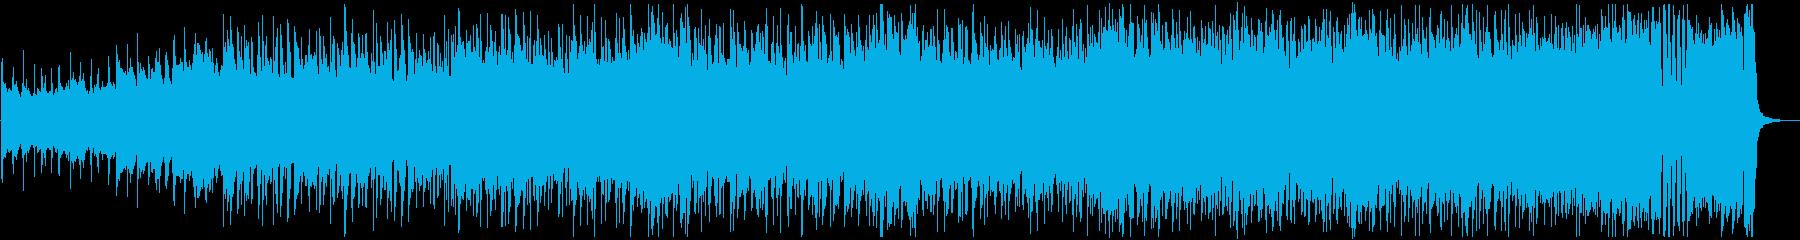 敵から逃げようとする場面のBGMの再生済みの波形